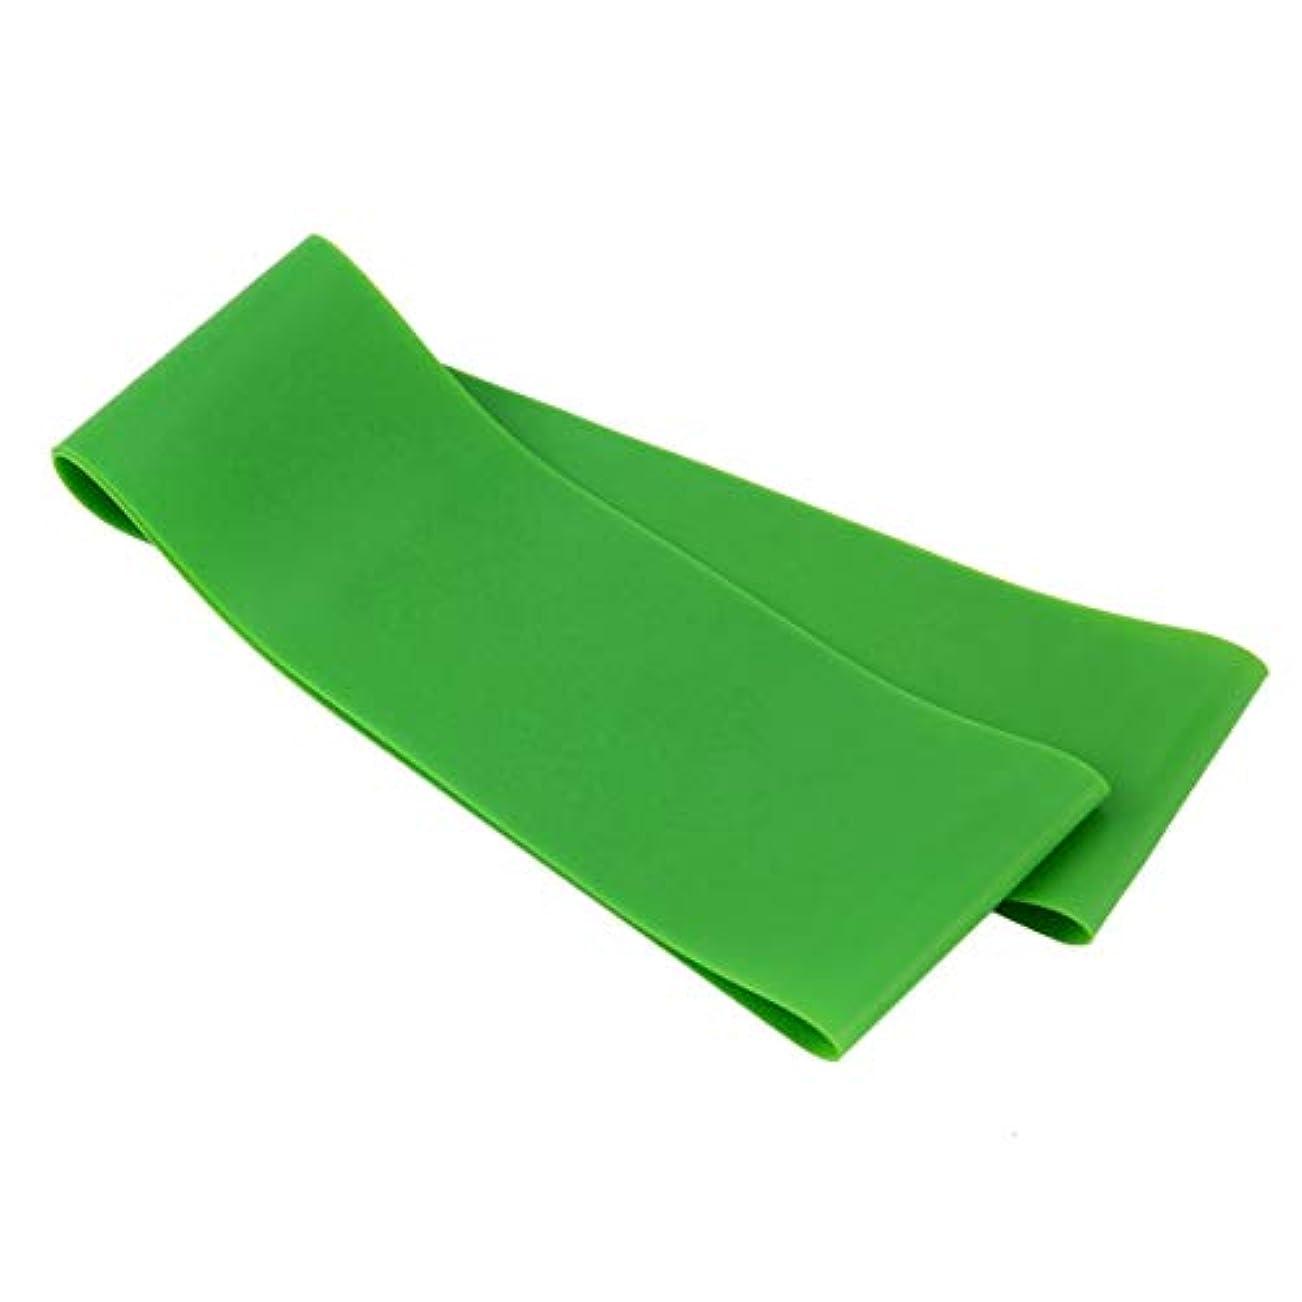 疼痛自然ロンドン滑り止め伸縮性ゴム弾性ヨガベルトバンドプルロープ張力抵抗バンドループ強度のためのフィットネスヨガツール - グリーン